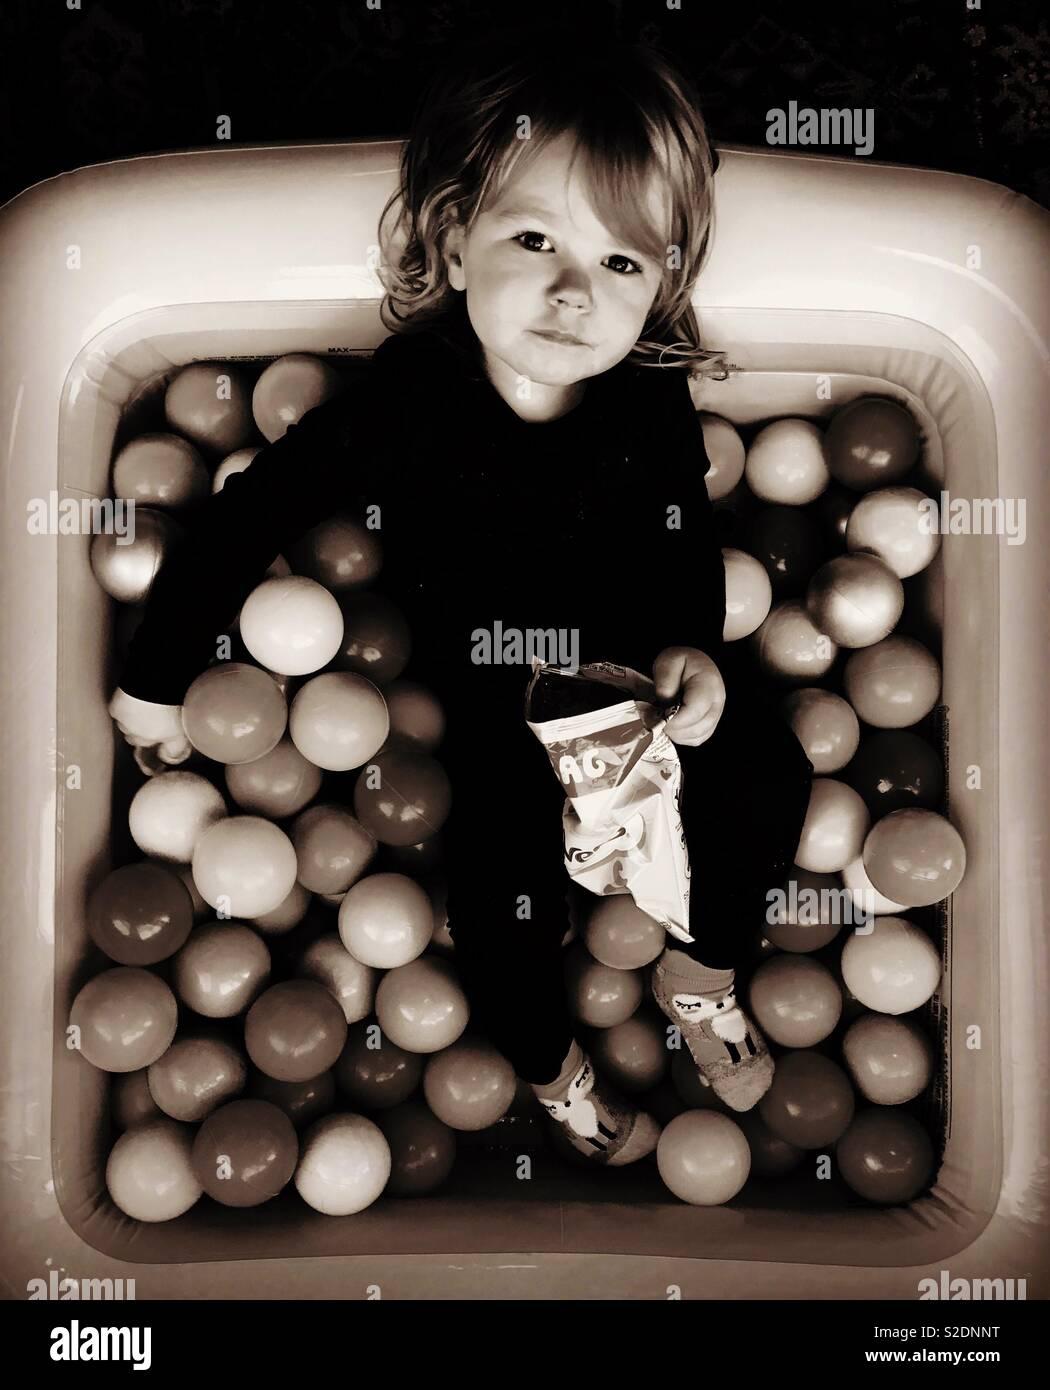 Mis amigos hija propietaria de la piscina de bolas. Foto de stock